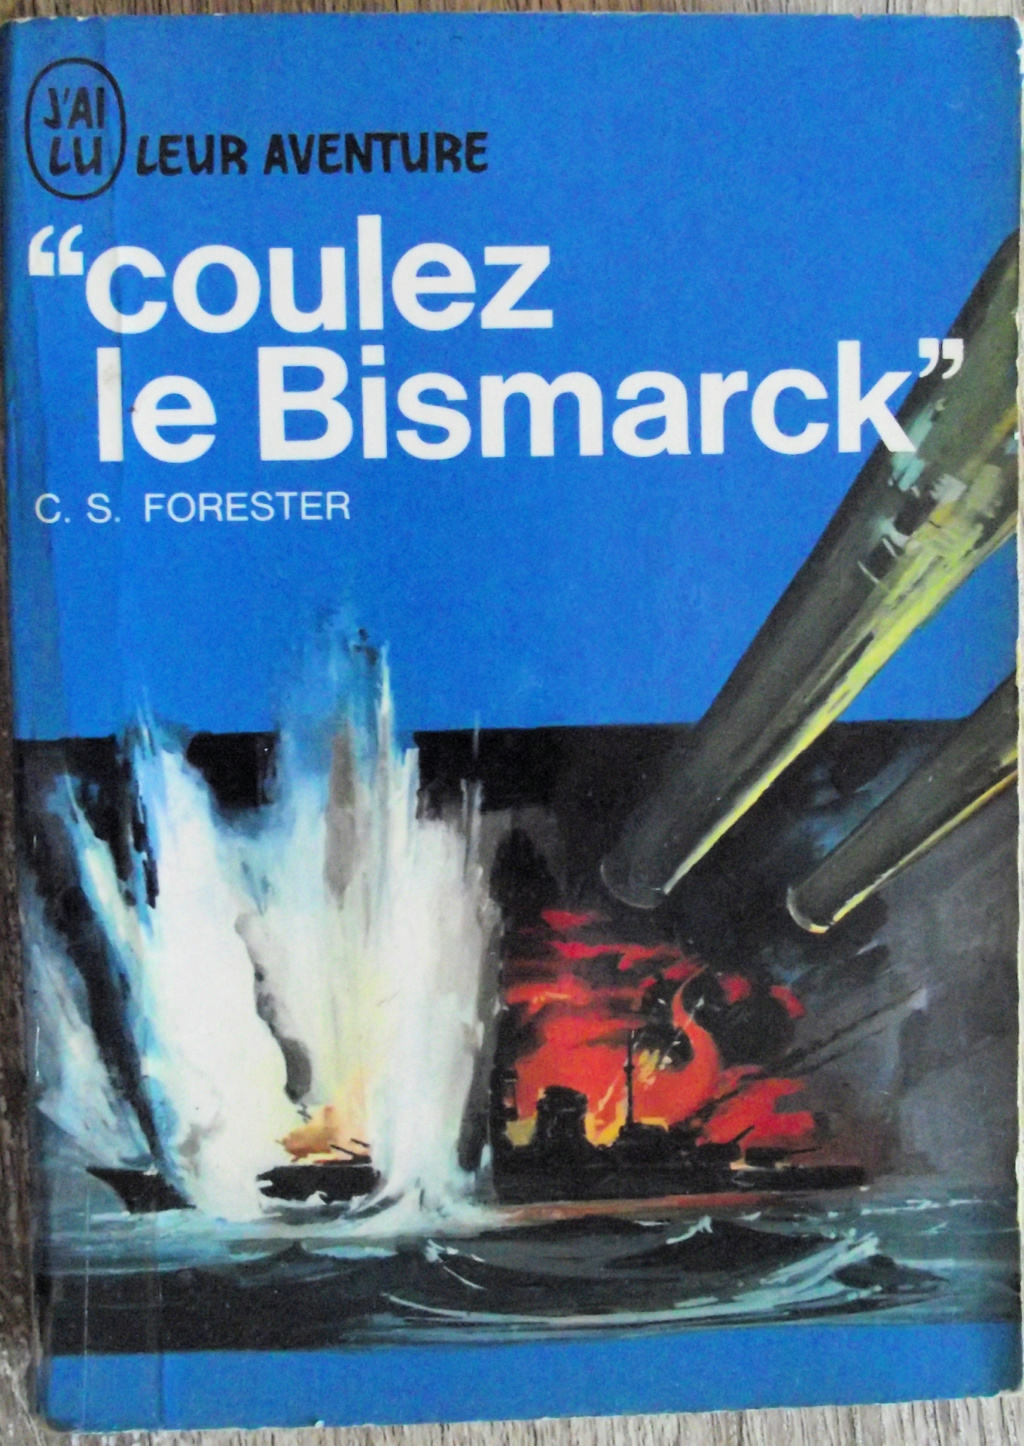 Bismarck par HellCat76 1/350 Academy, kit eduard - Page 9 Coulez15